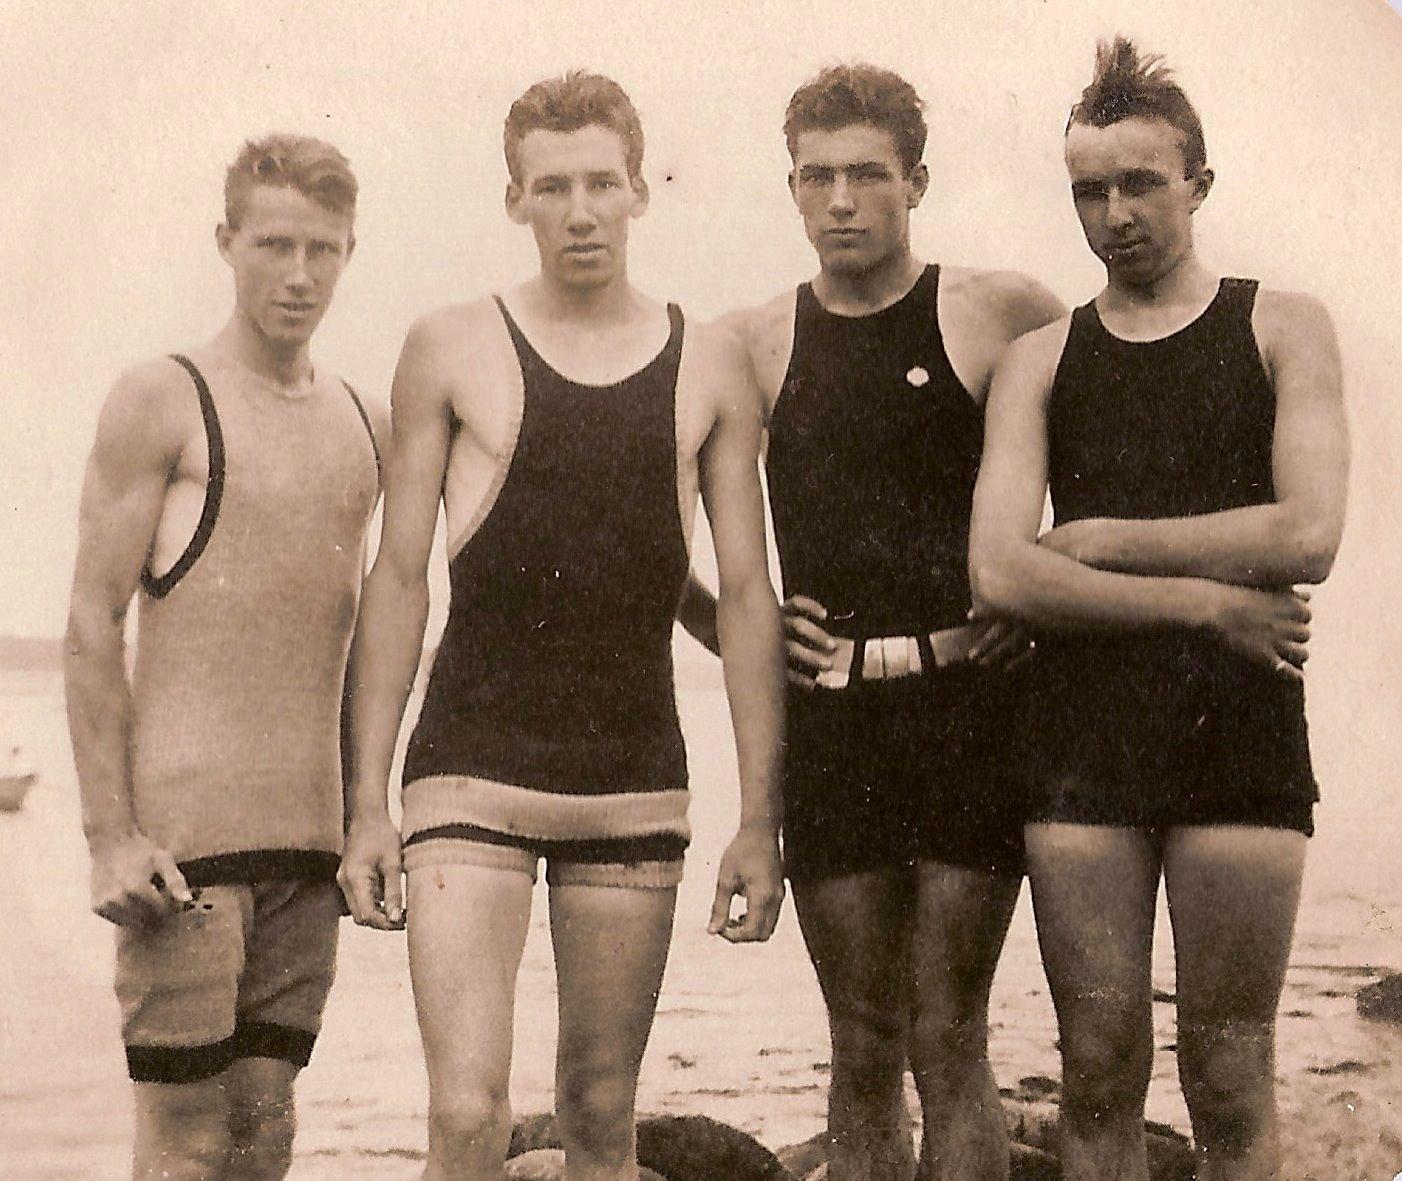 1910sbathingsuits-4